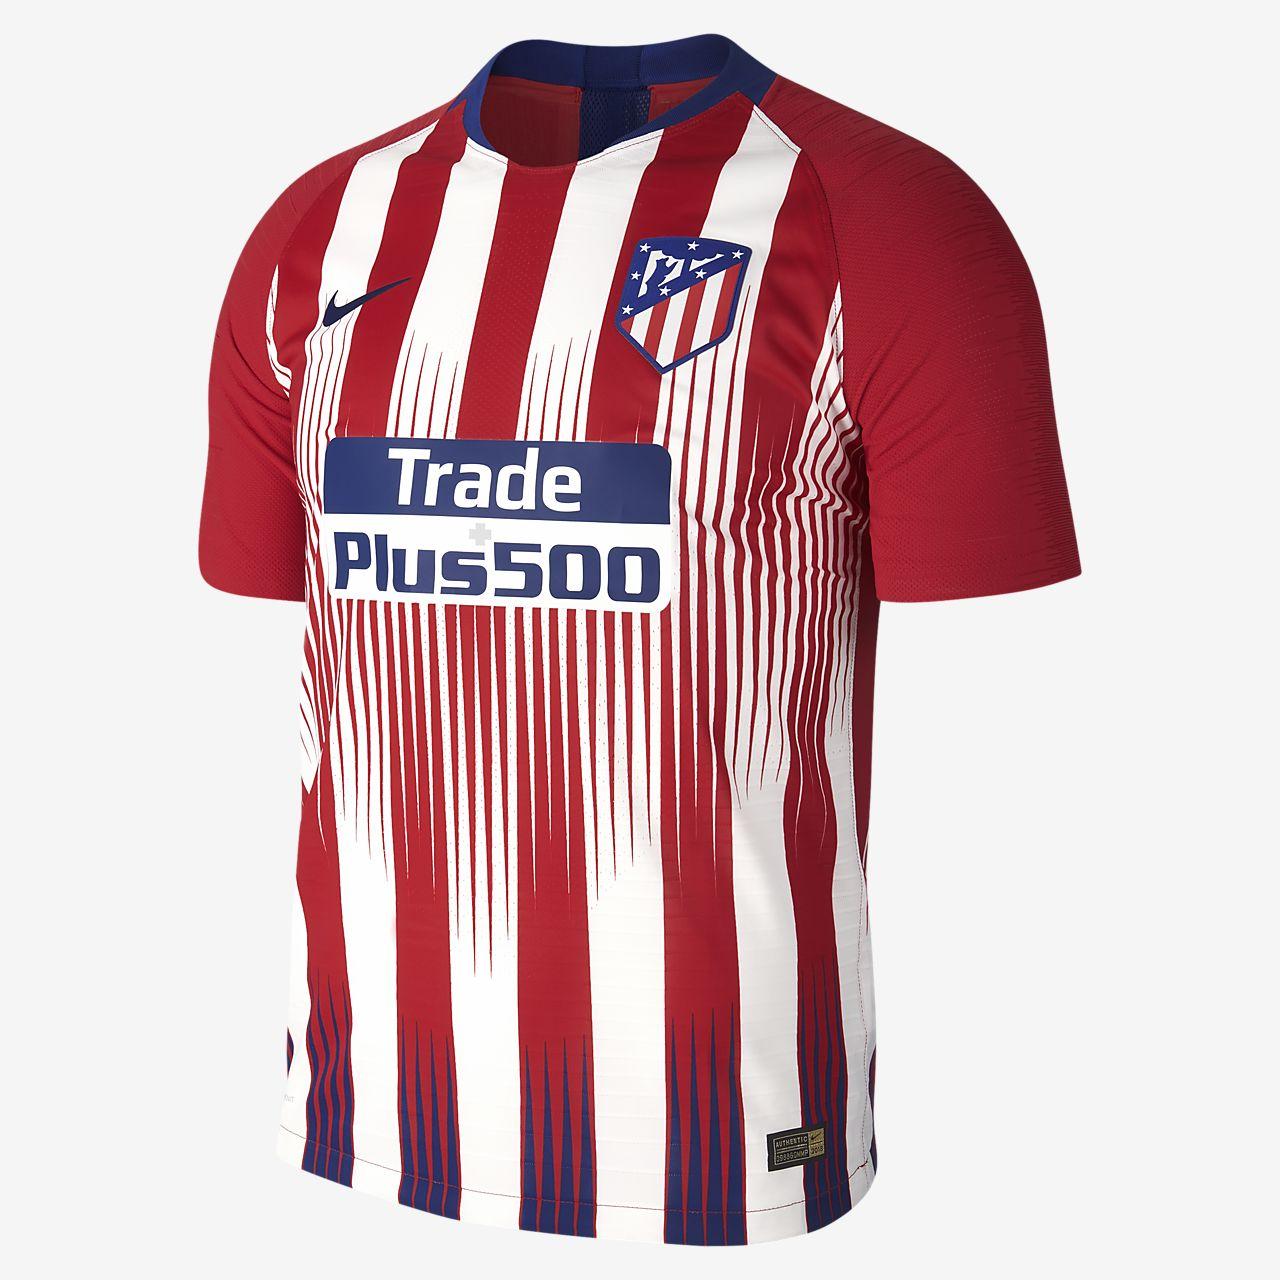 28146a09e 2018 19 Atlético de Madrid Vapor Match Home Men s Football Shirt ...